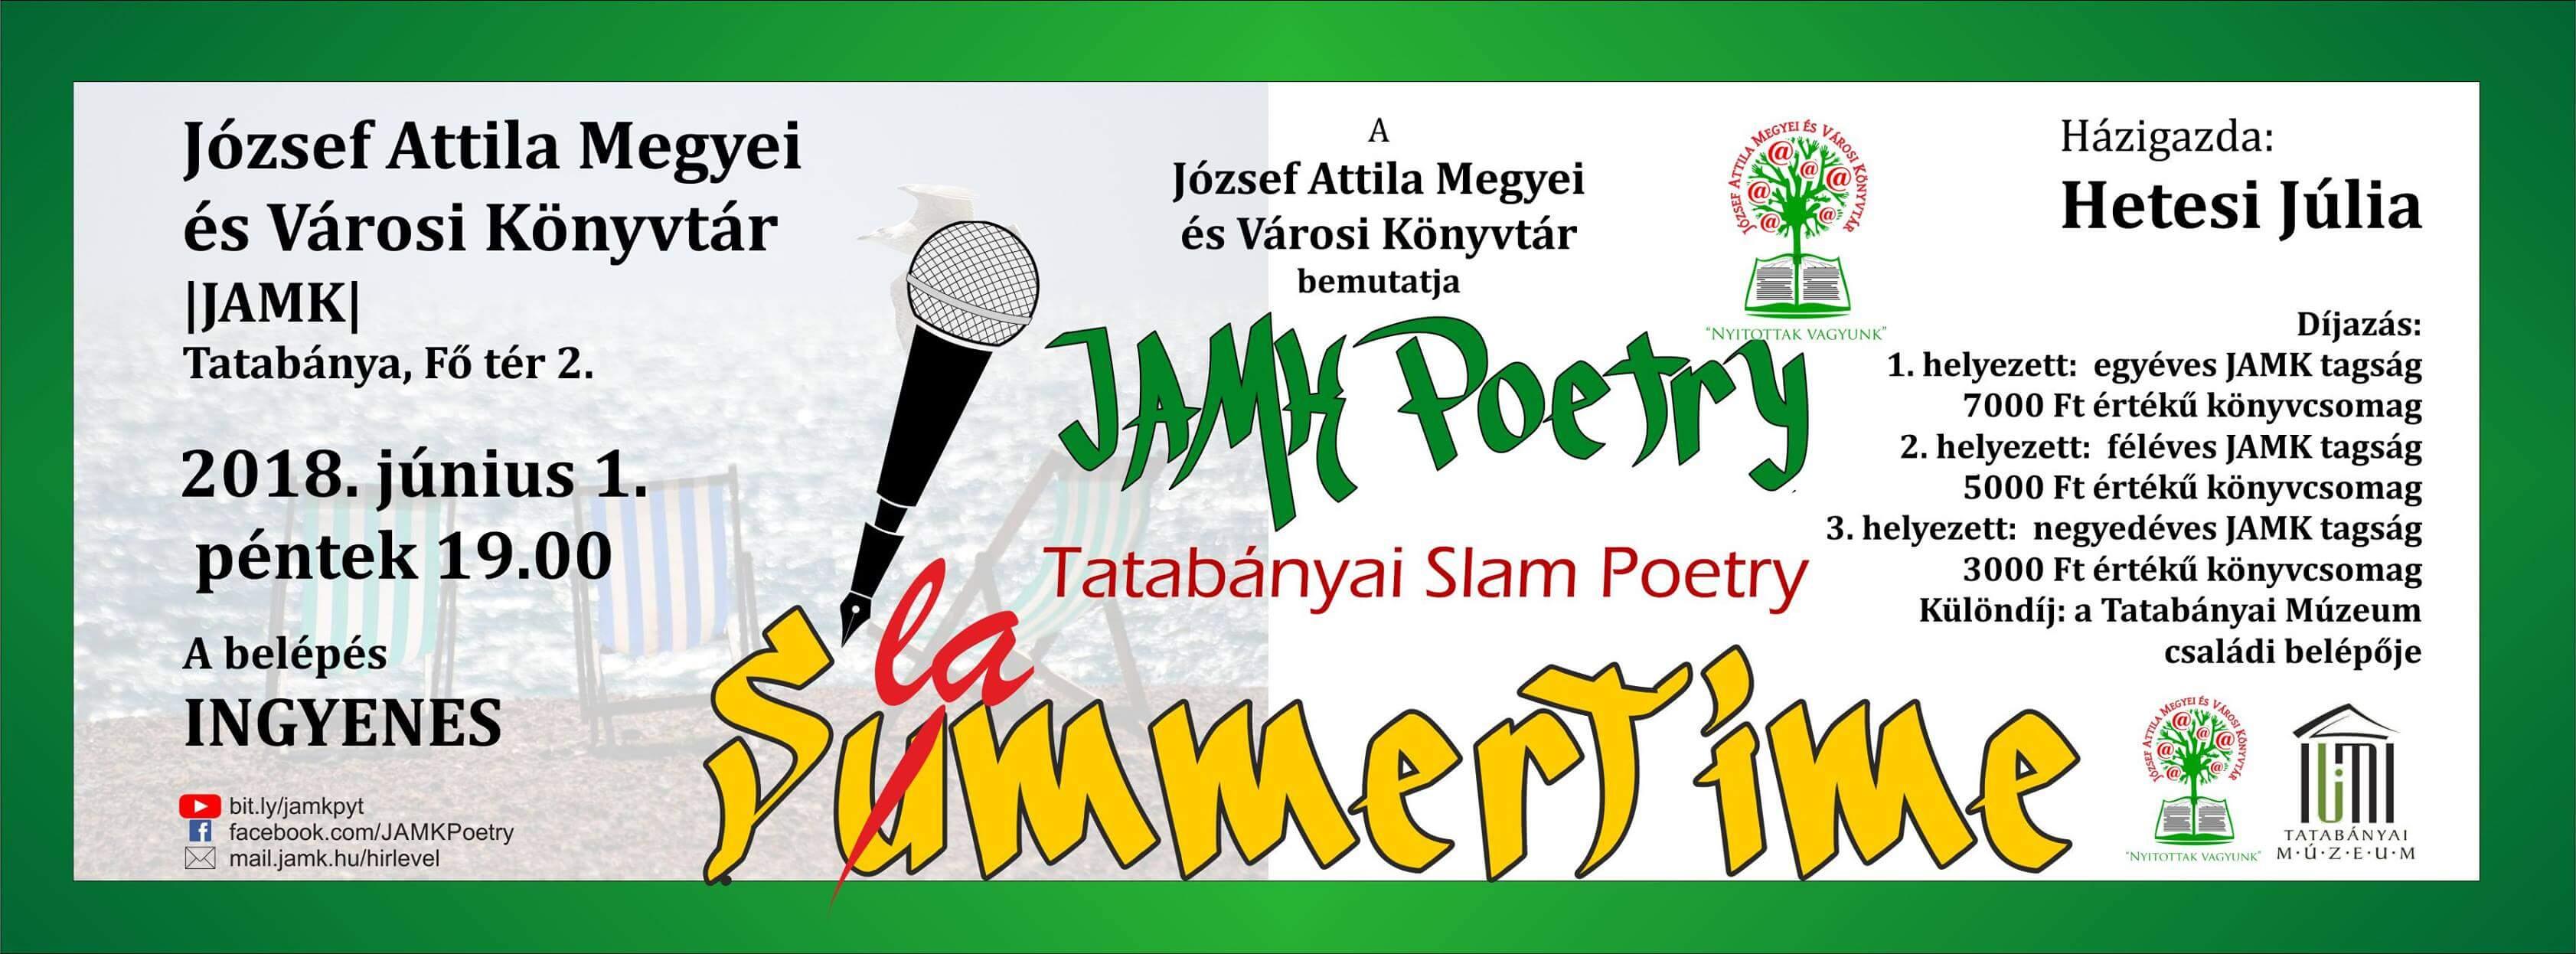 SummerSlammerTime II. – X. JAMK Poetry – Tatabányai Slam Poetry